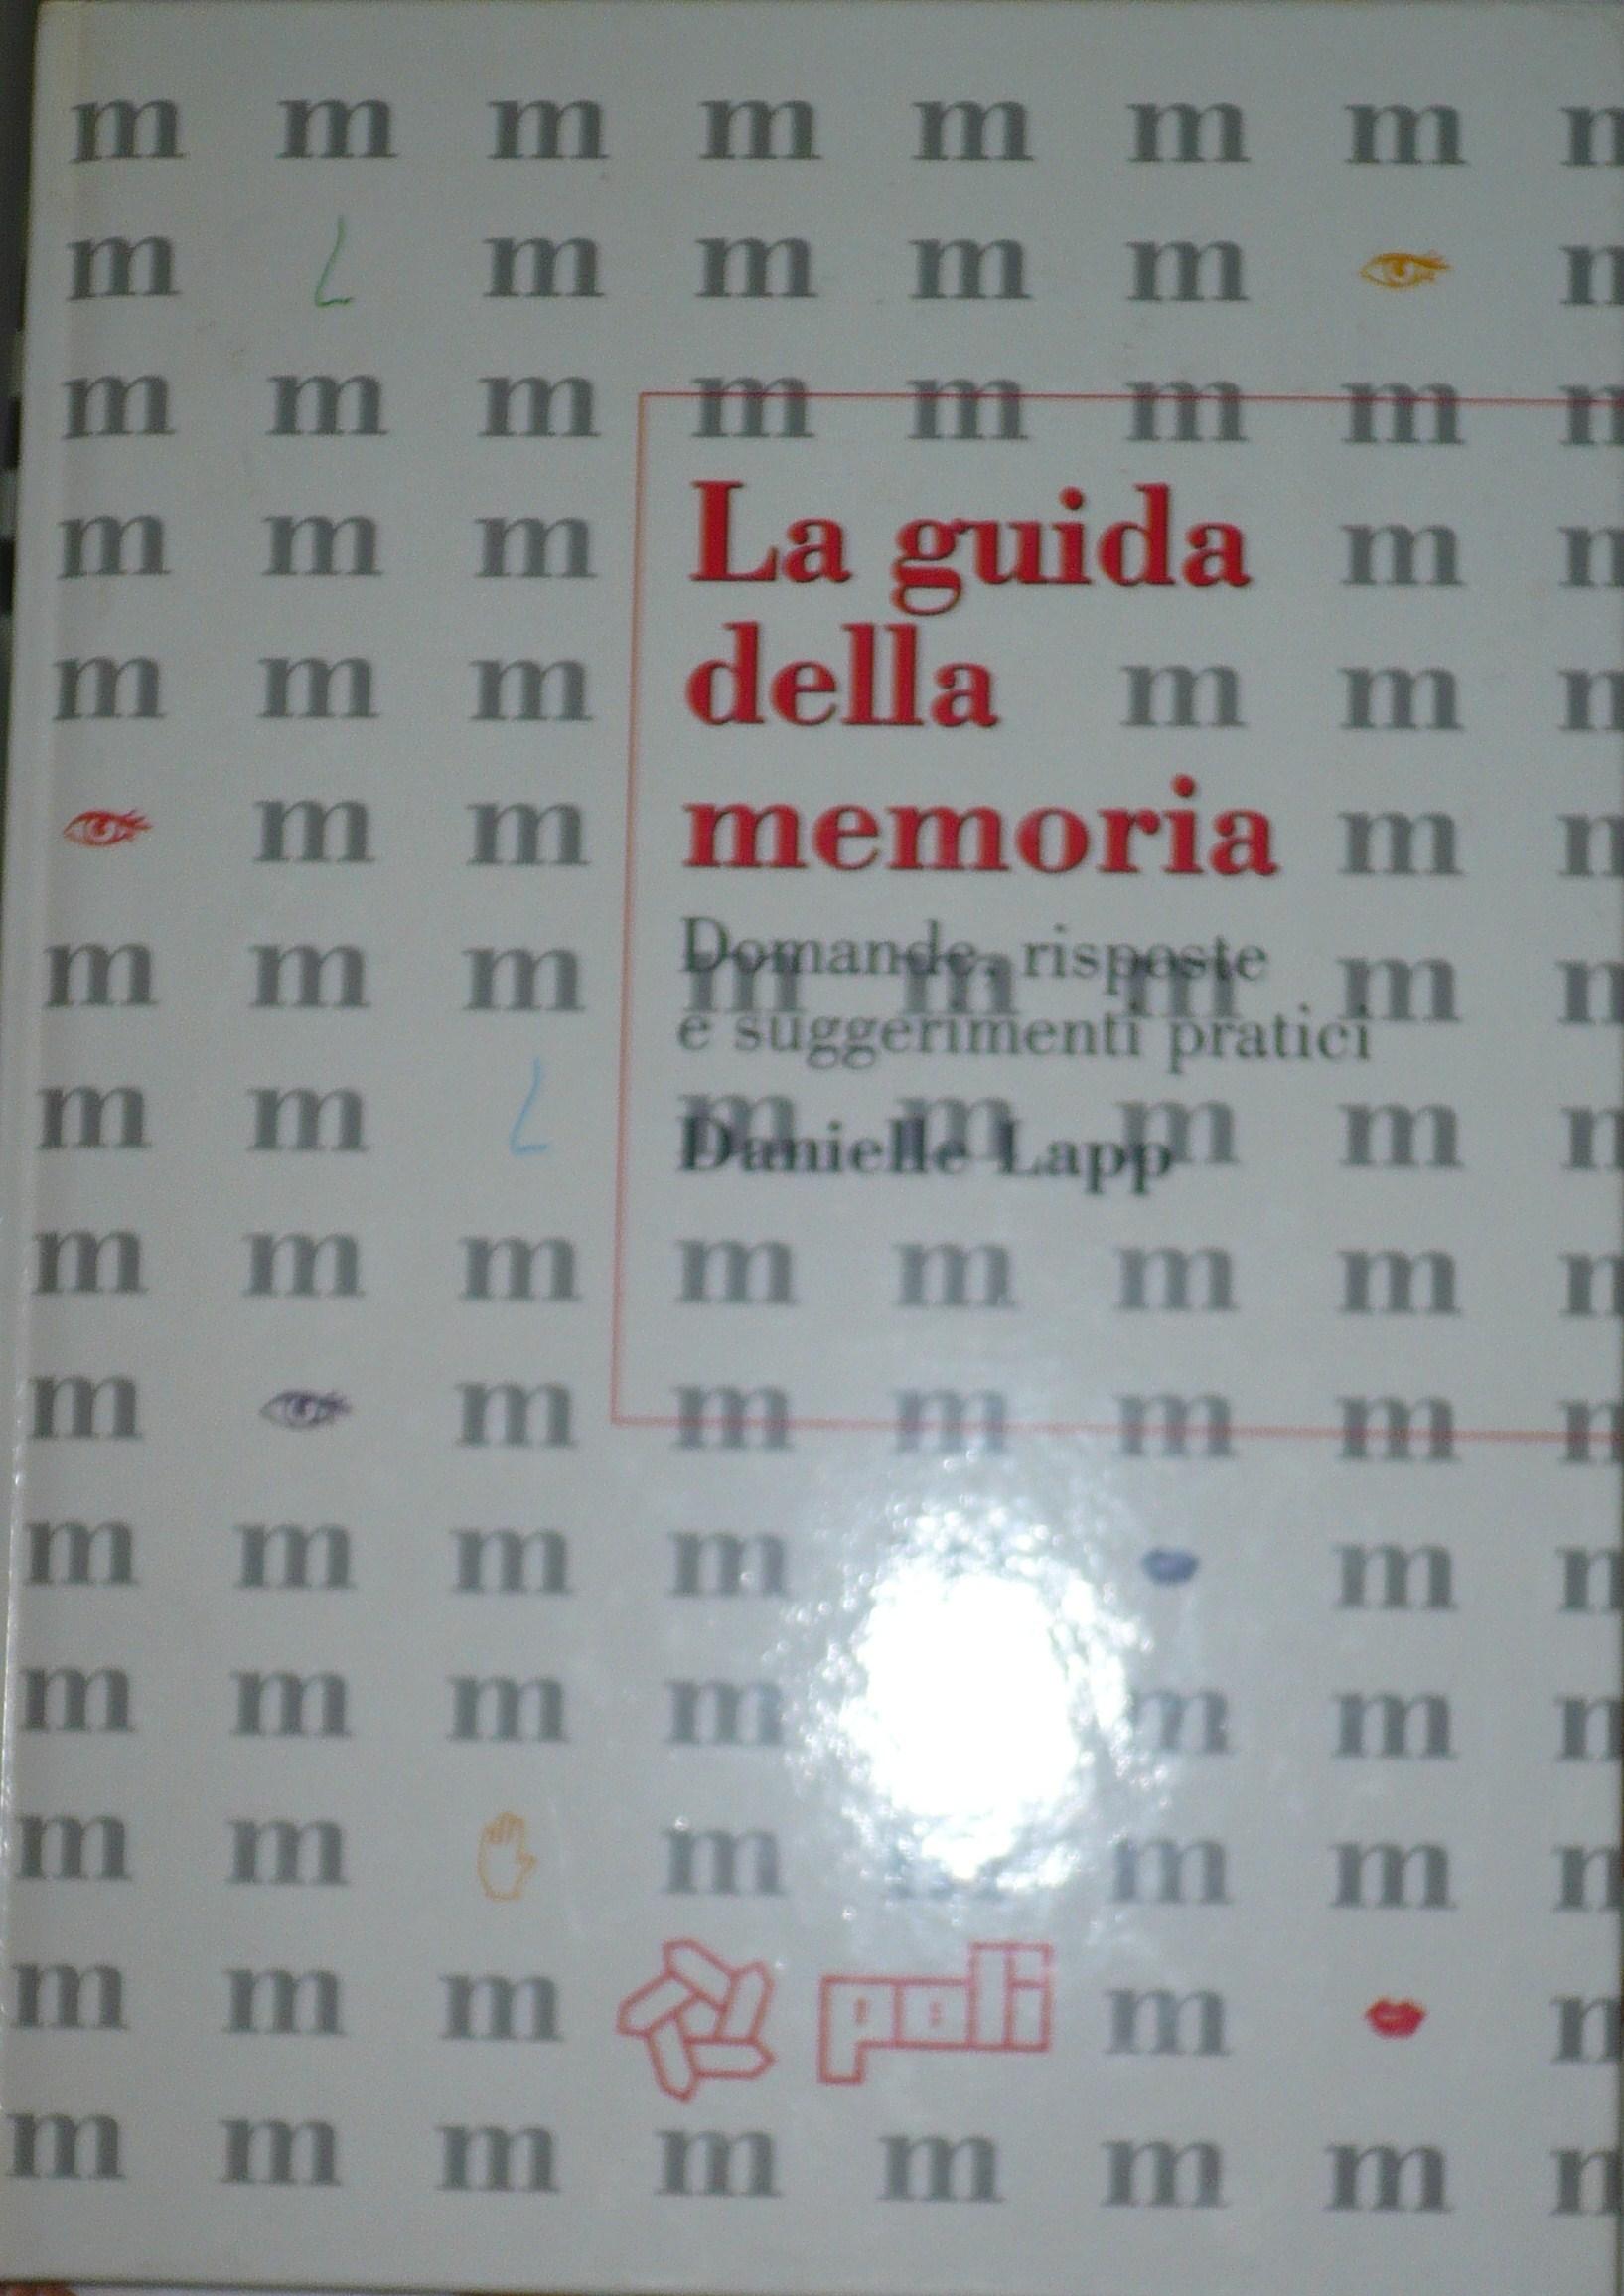 La guida della memoria